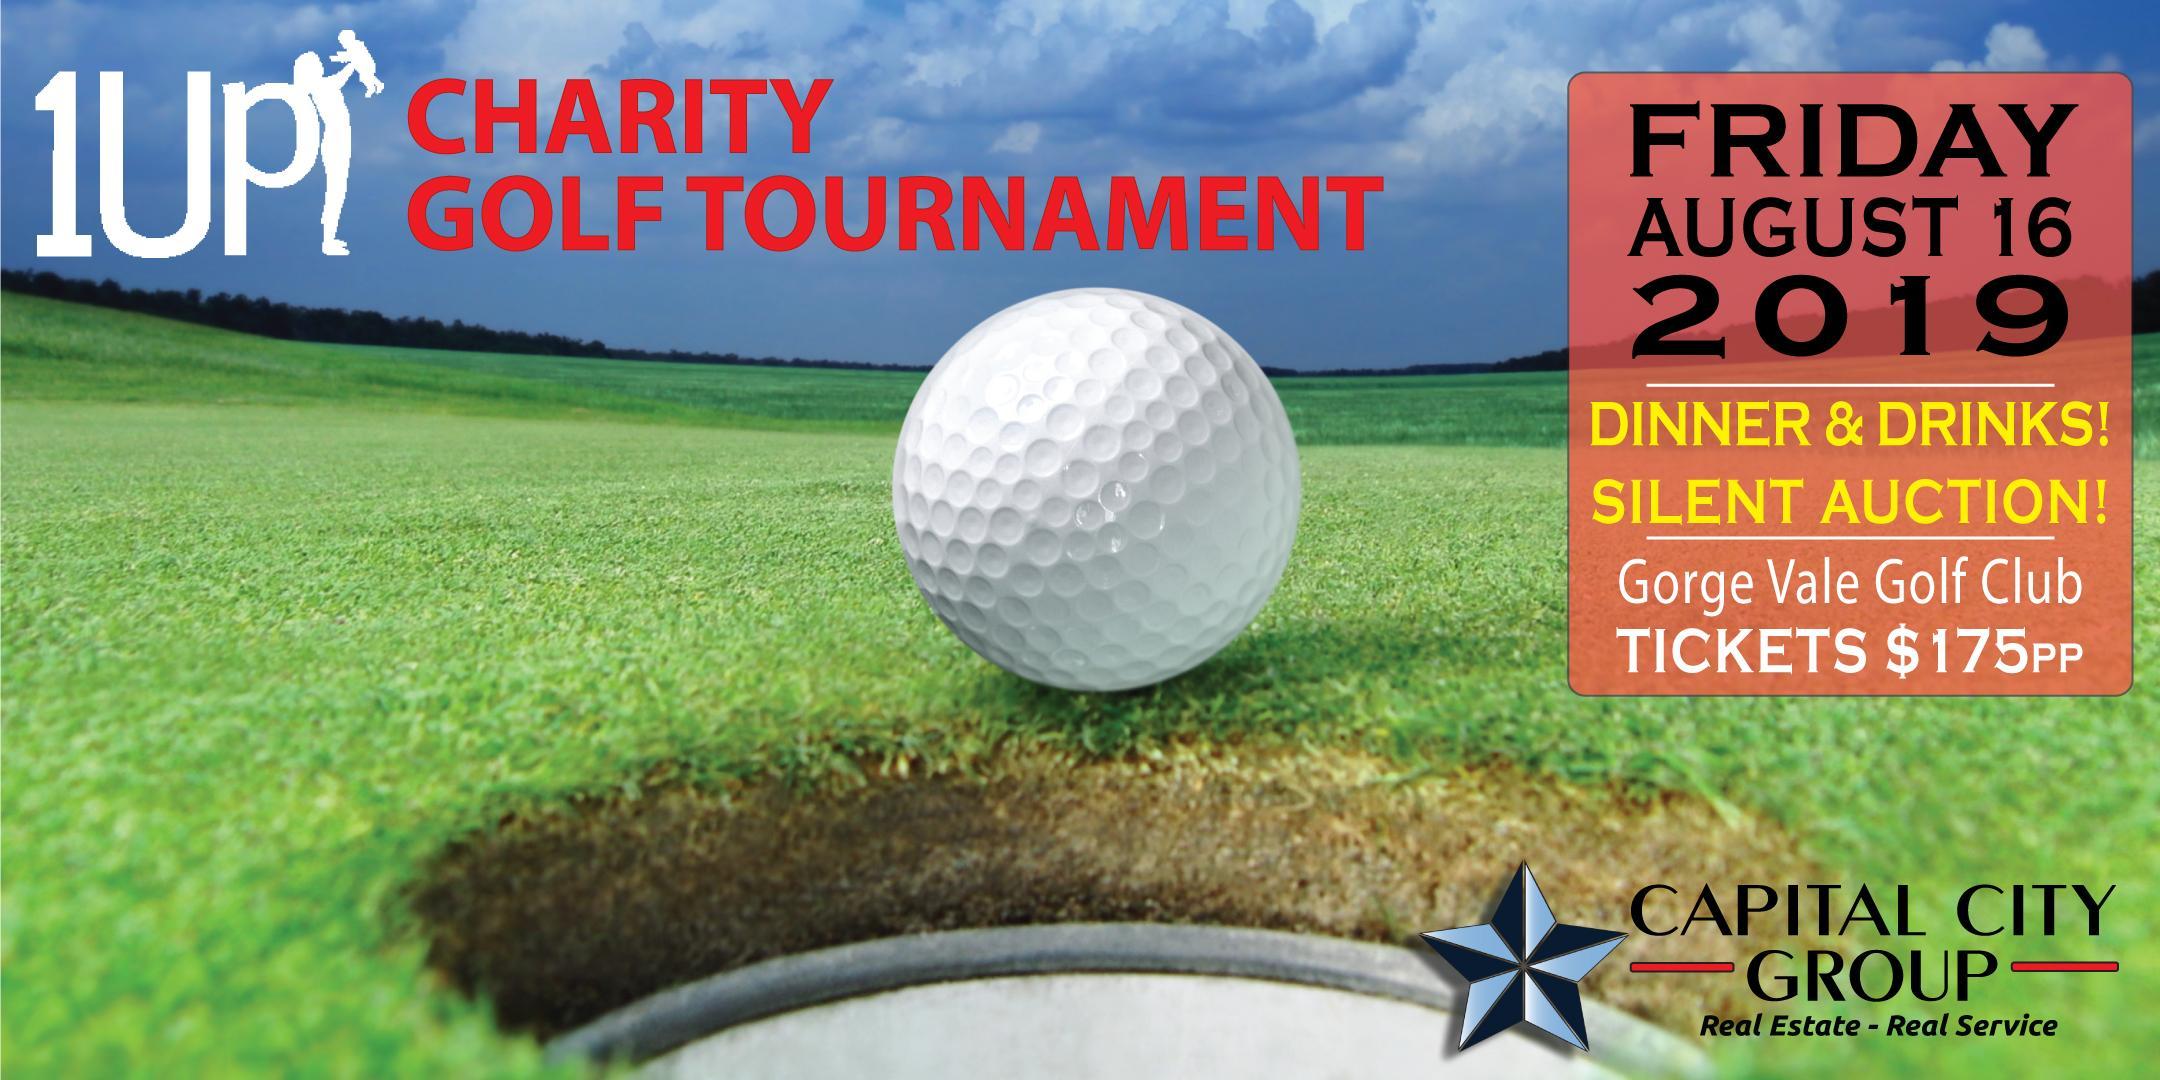 1Up Charity Golf Tournament & Banquet